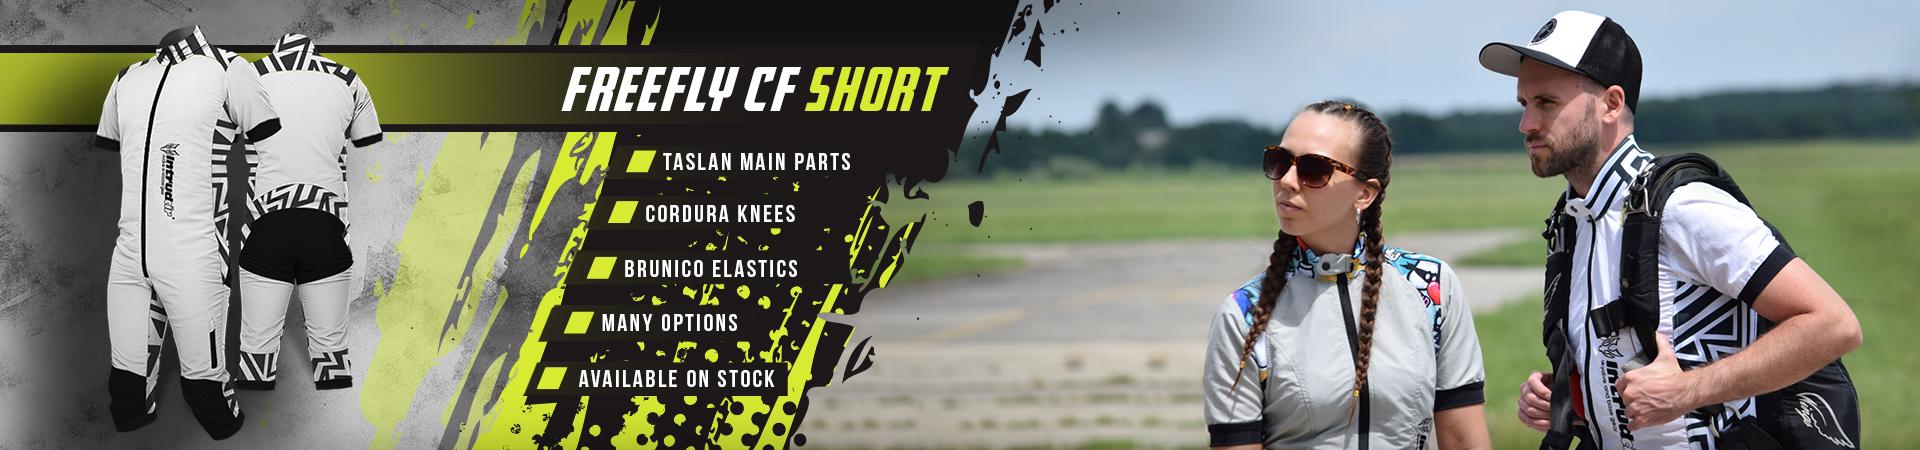 CF Short Stock